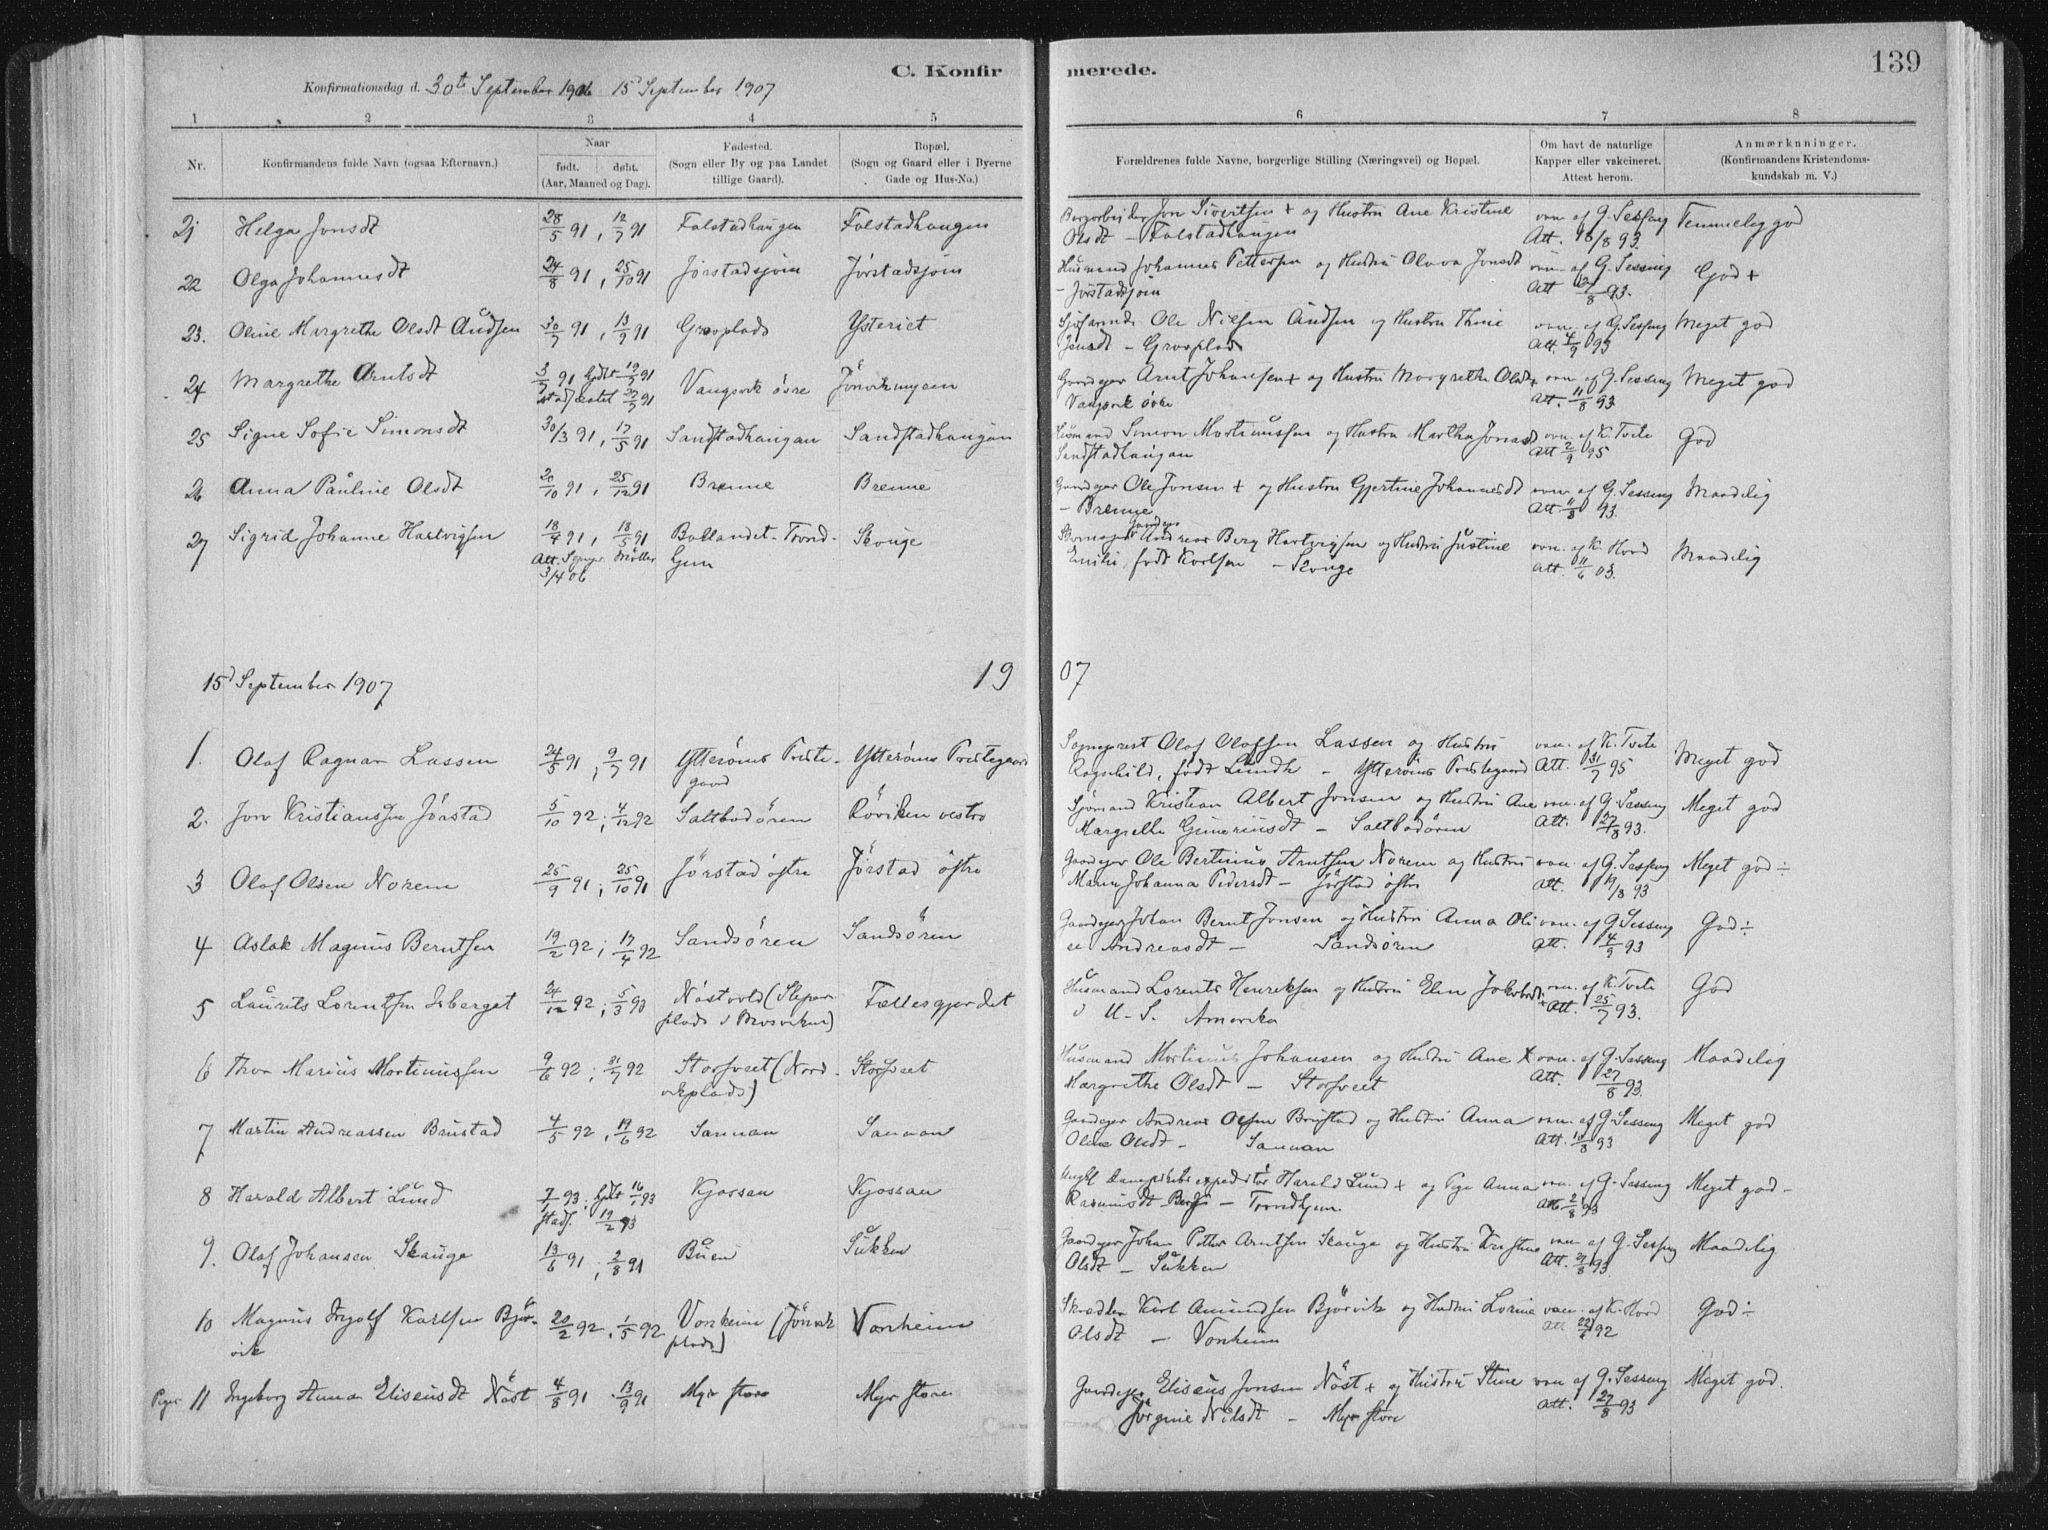 SAT, Ministerialprotokoller, klokkerbøker og fødselsregistre - Nord-Trøndelag, 722/L0220: Ministerialbok nr. 722A07, 1881-1908, s. 139